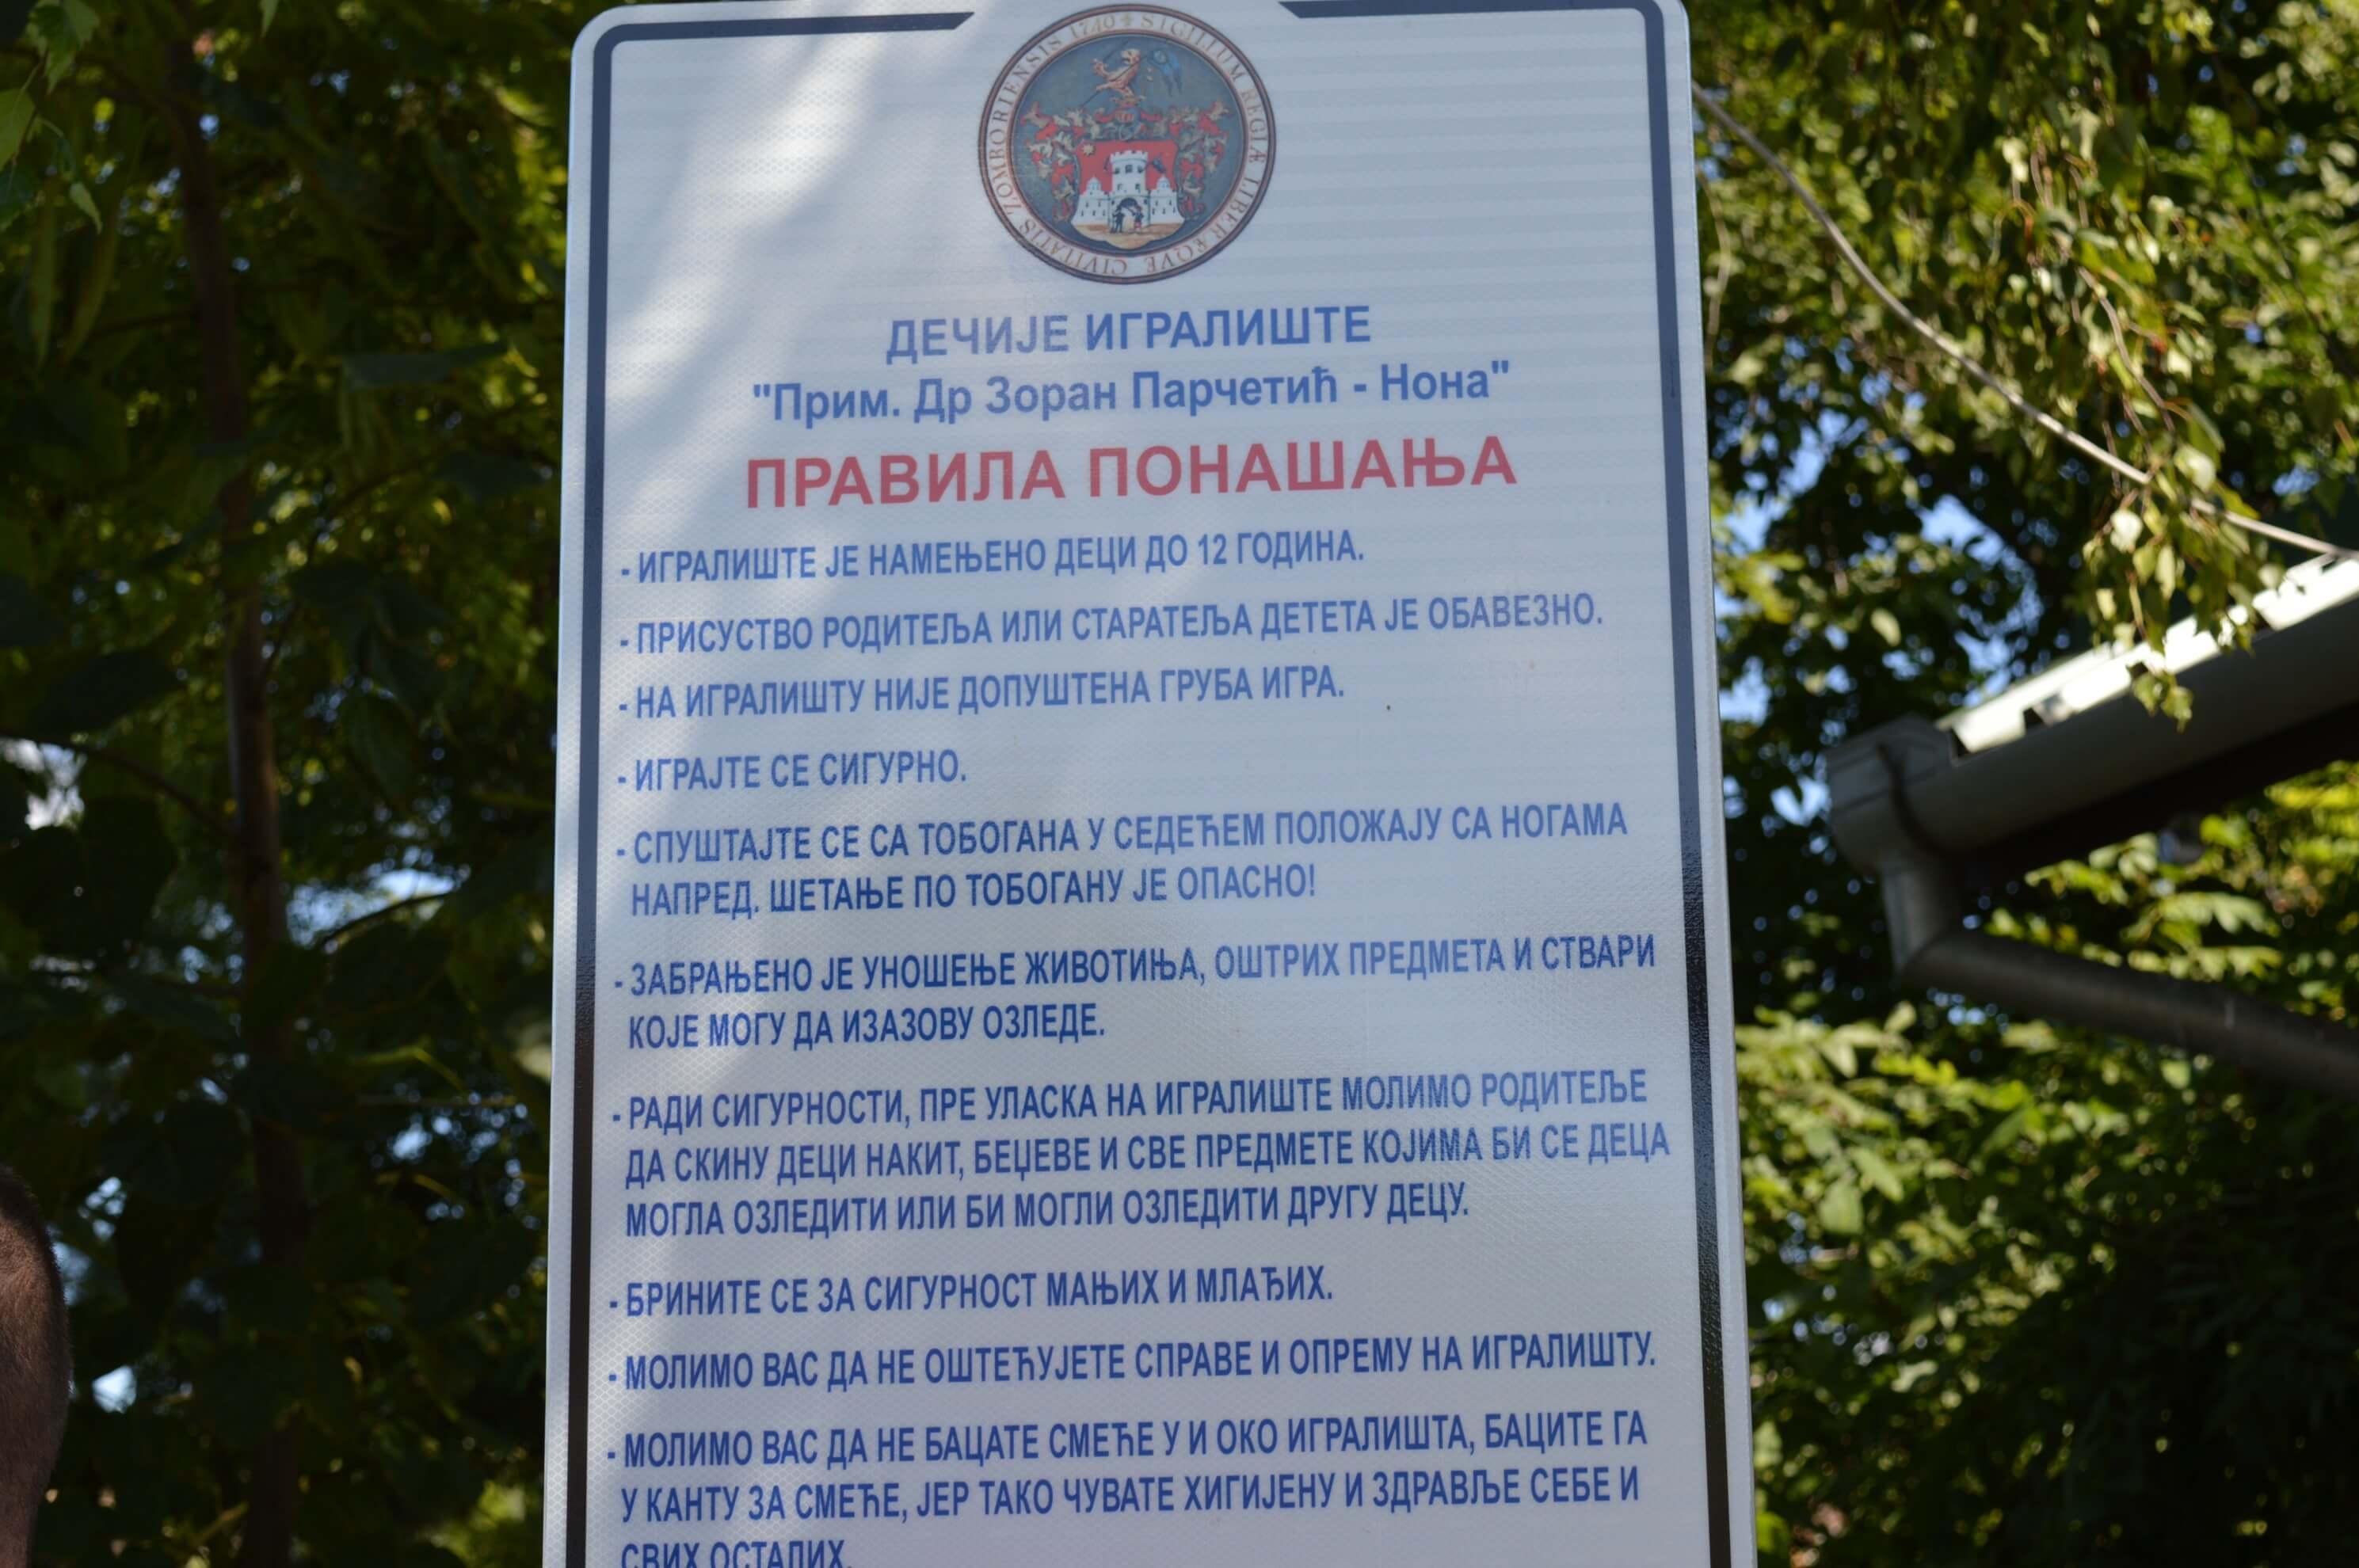 Градоначелници Сомбора Душанки Голубовић уручена се слика као захвалница Граду Сомбору